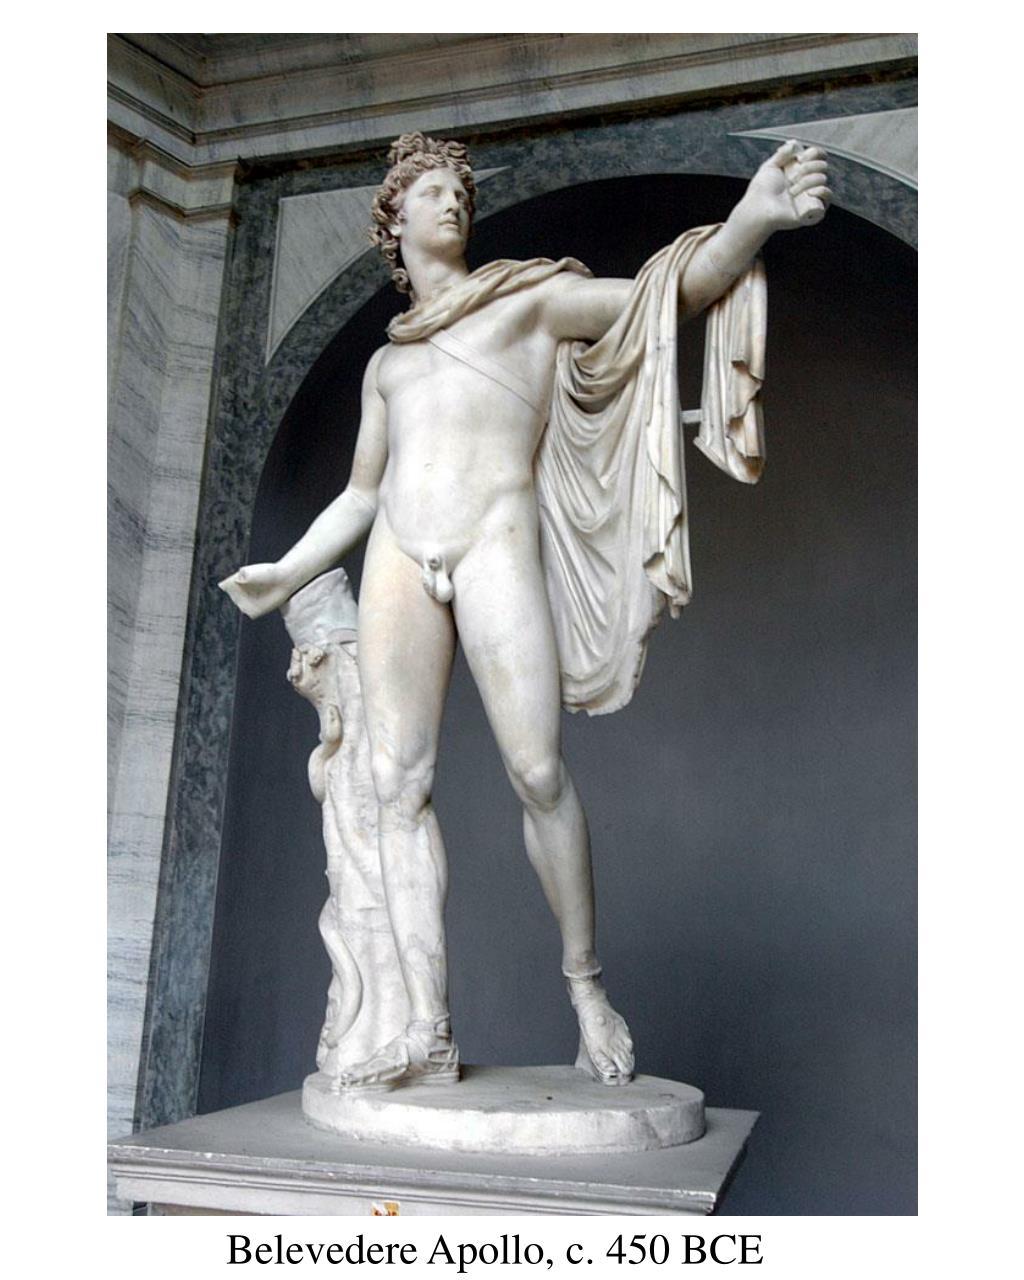 Belevedere Apollo, c. 450 BCE